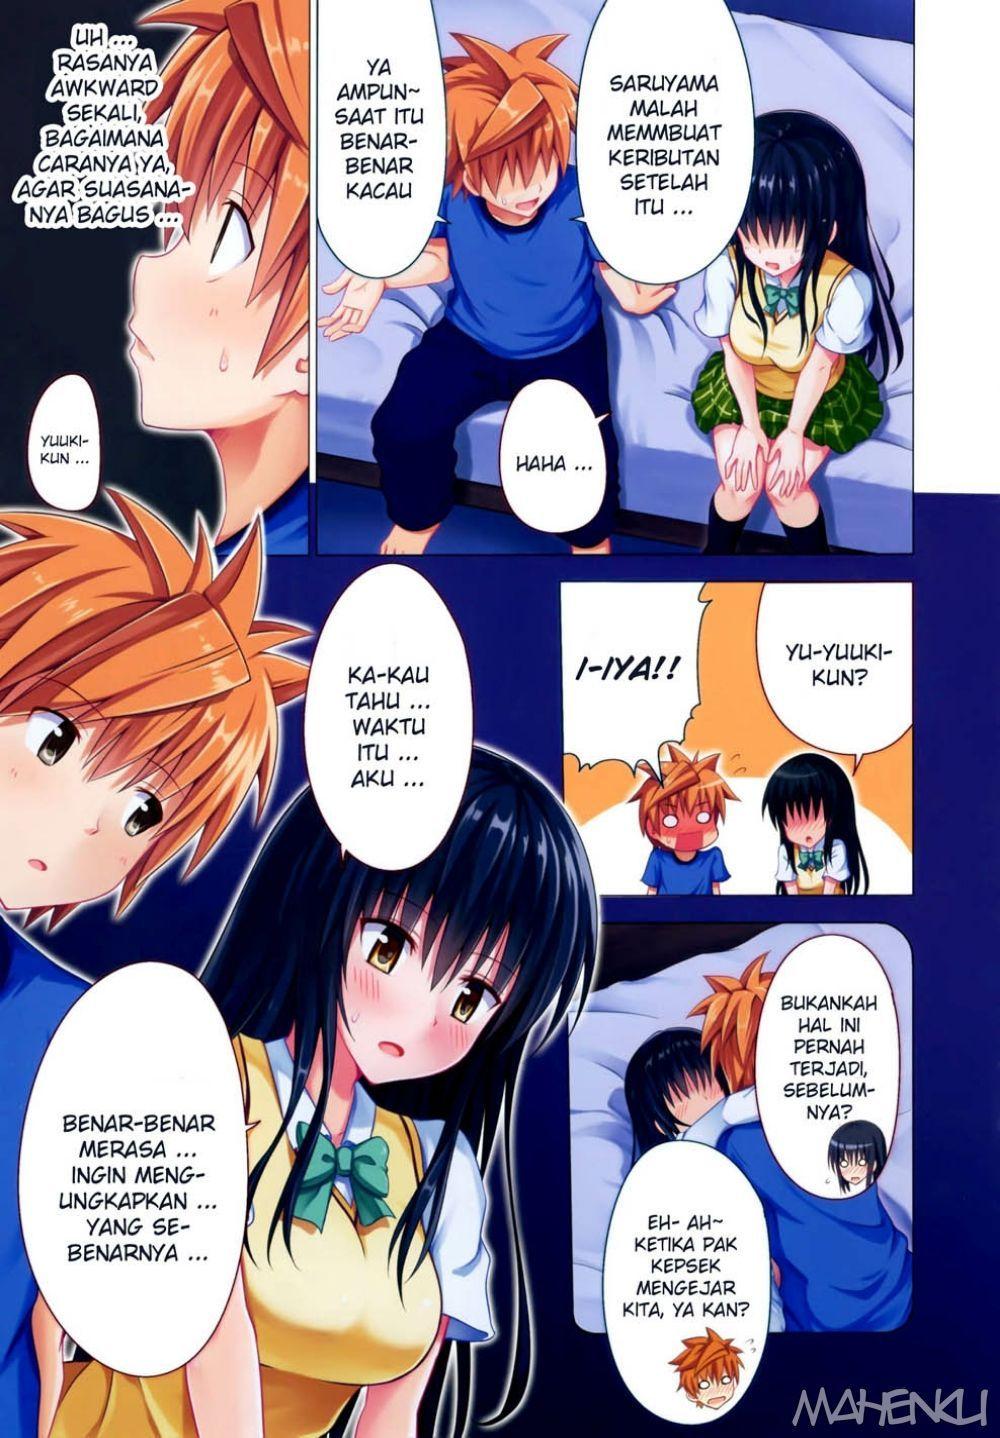 Image iiTd364d in Komik Hentai Doujin Indo Mosi RITO DARKNESS 5